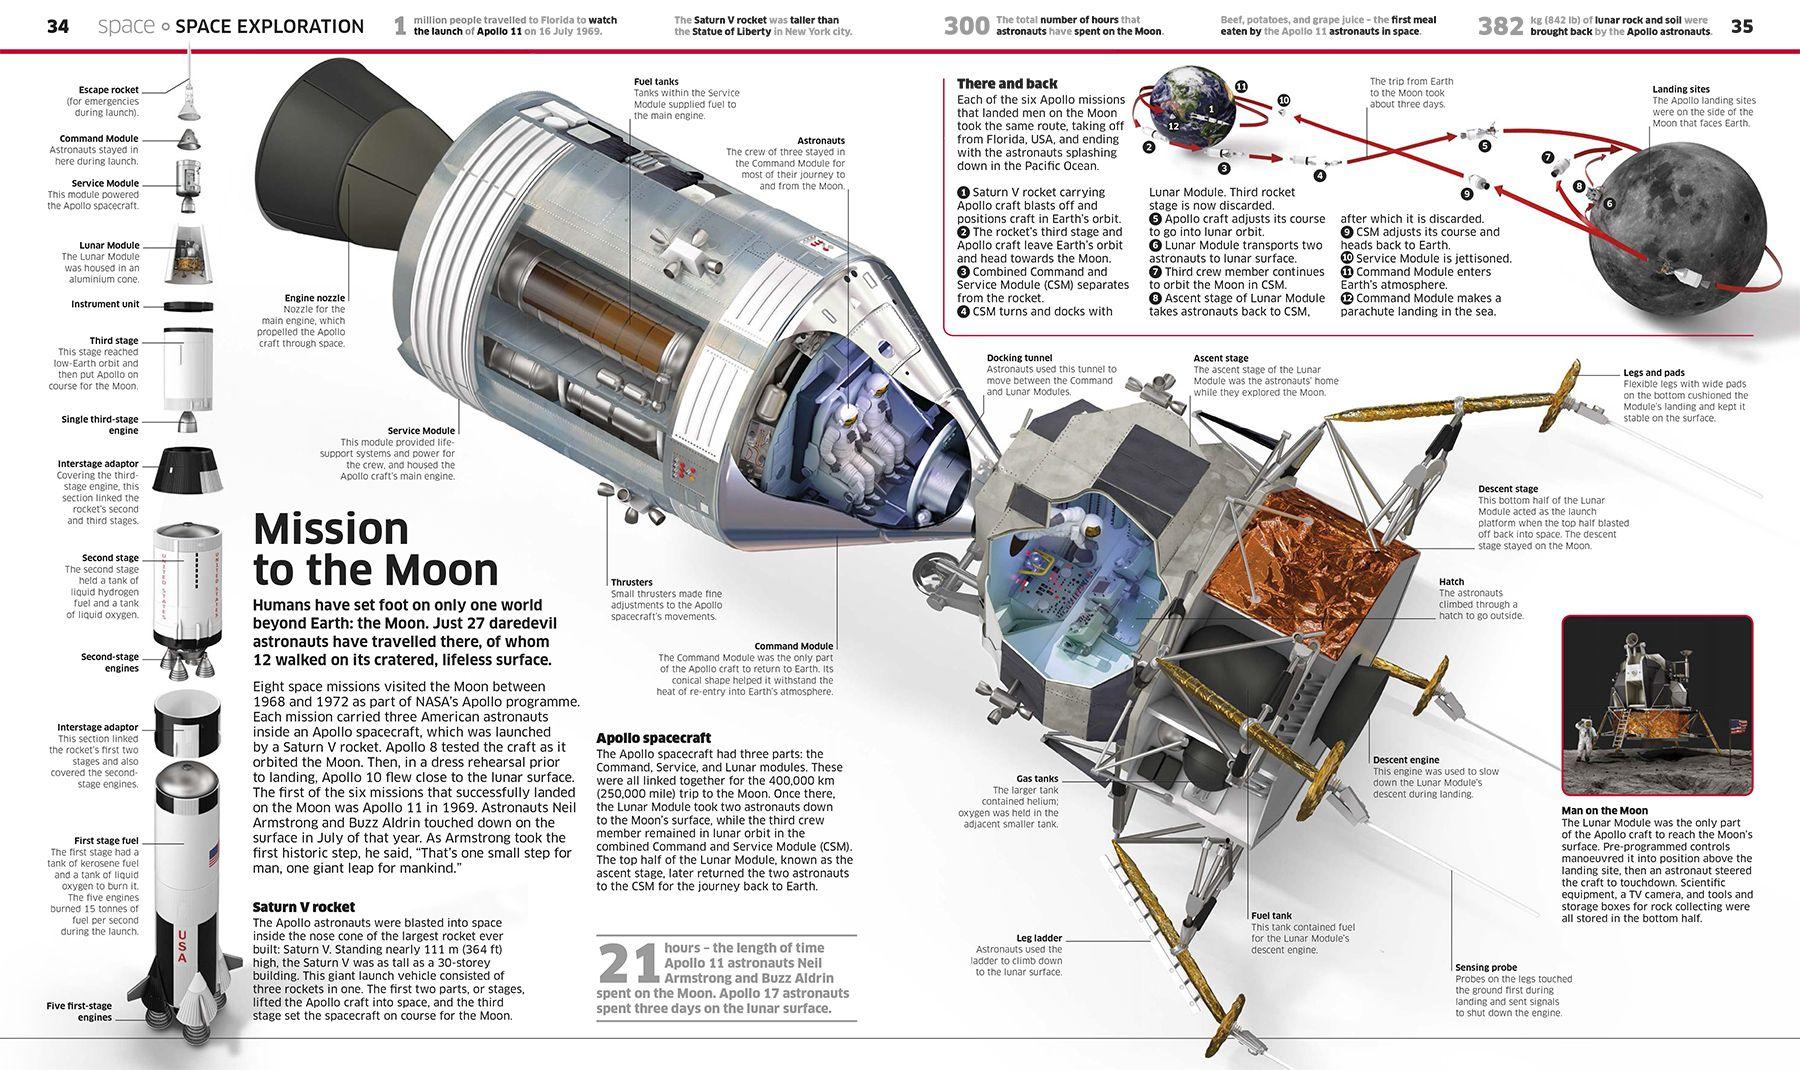 apollo space missions books - photo #26